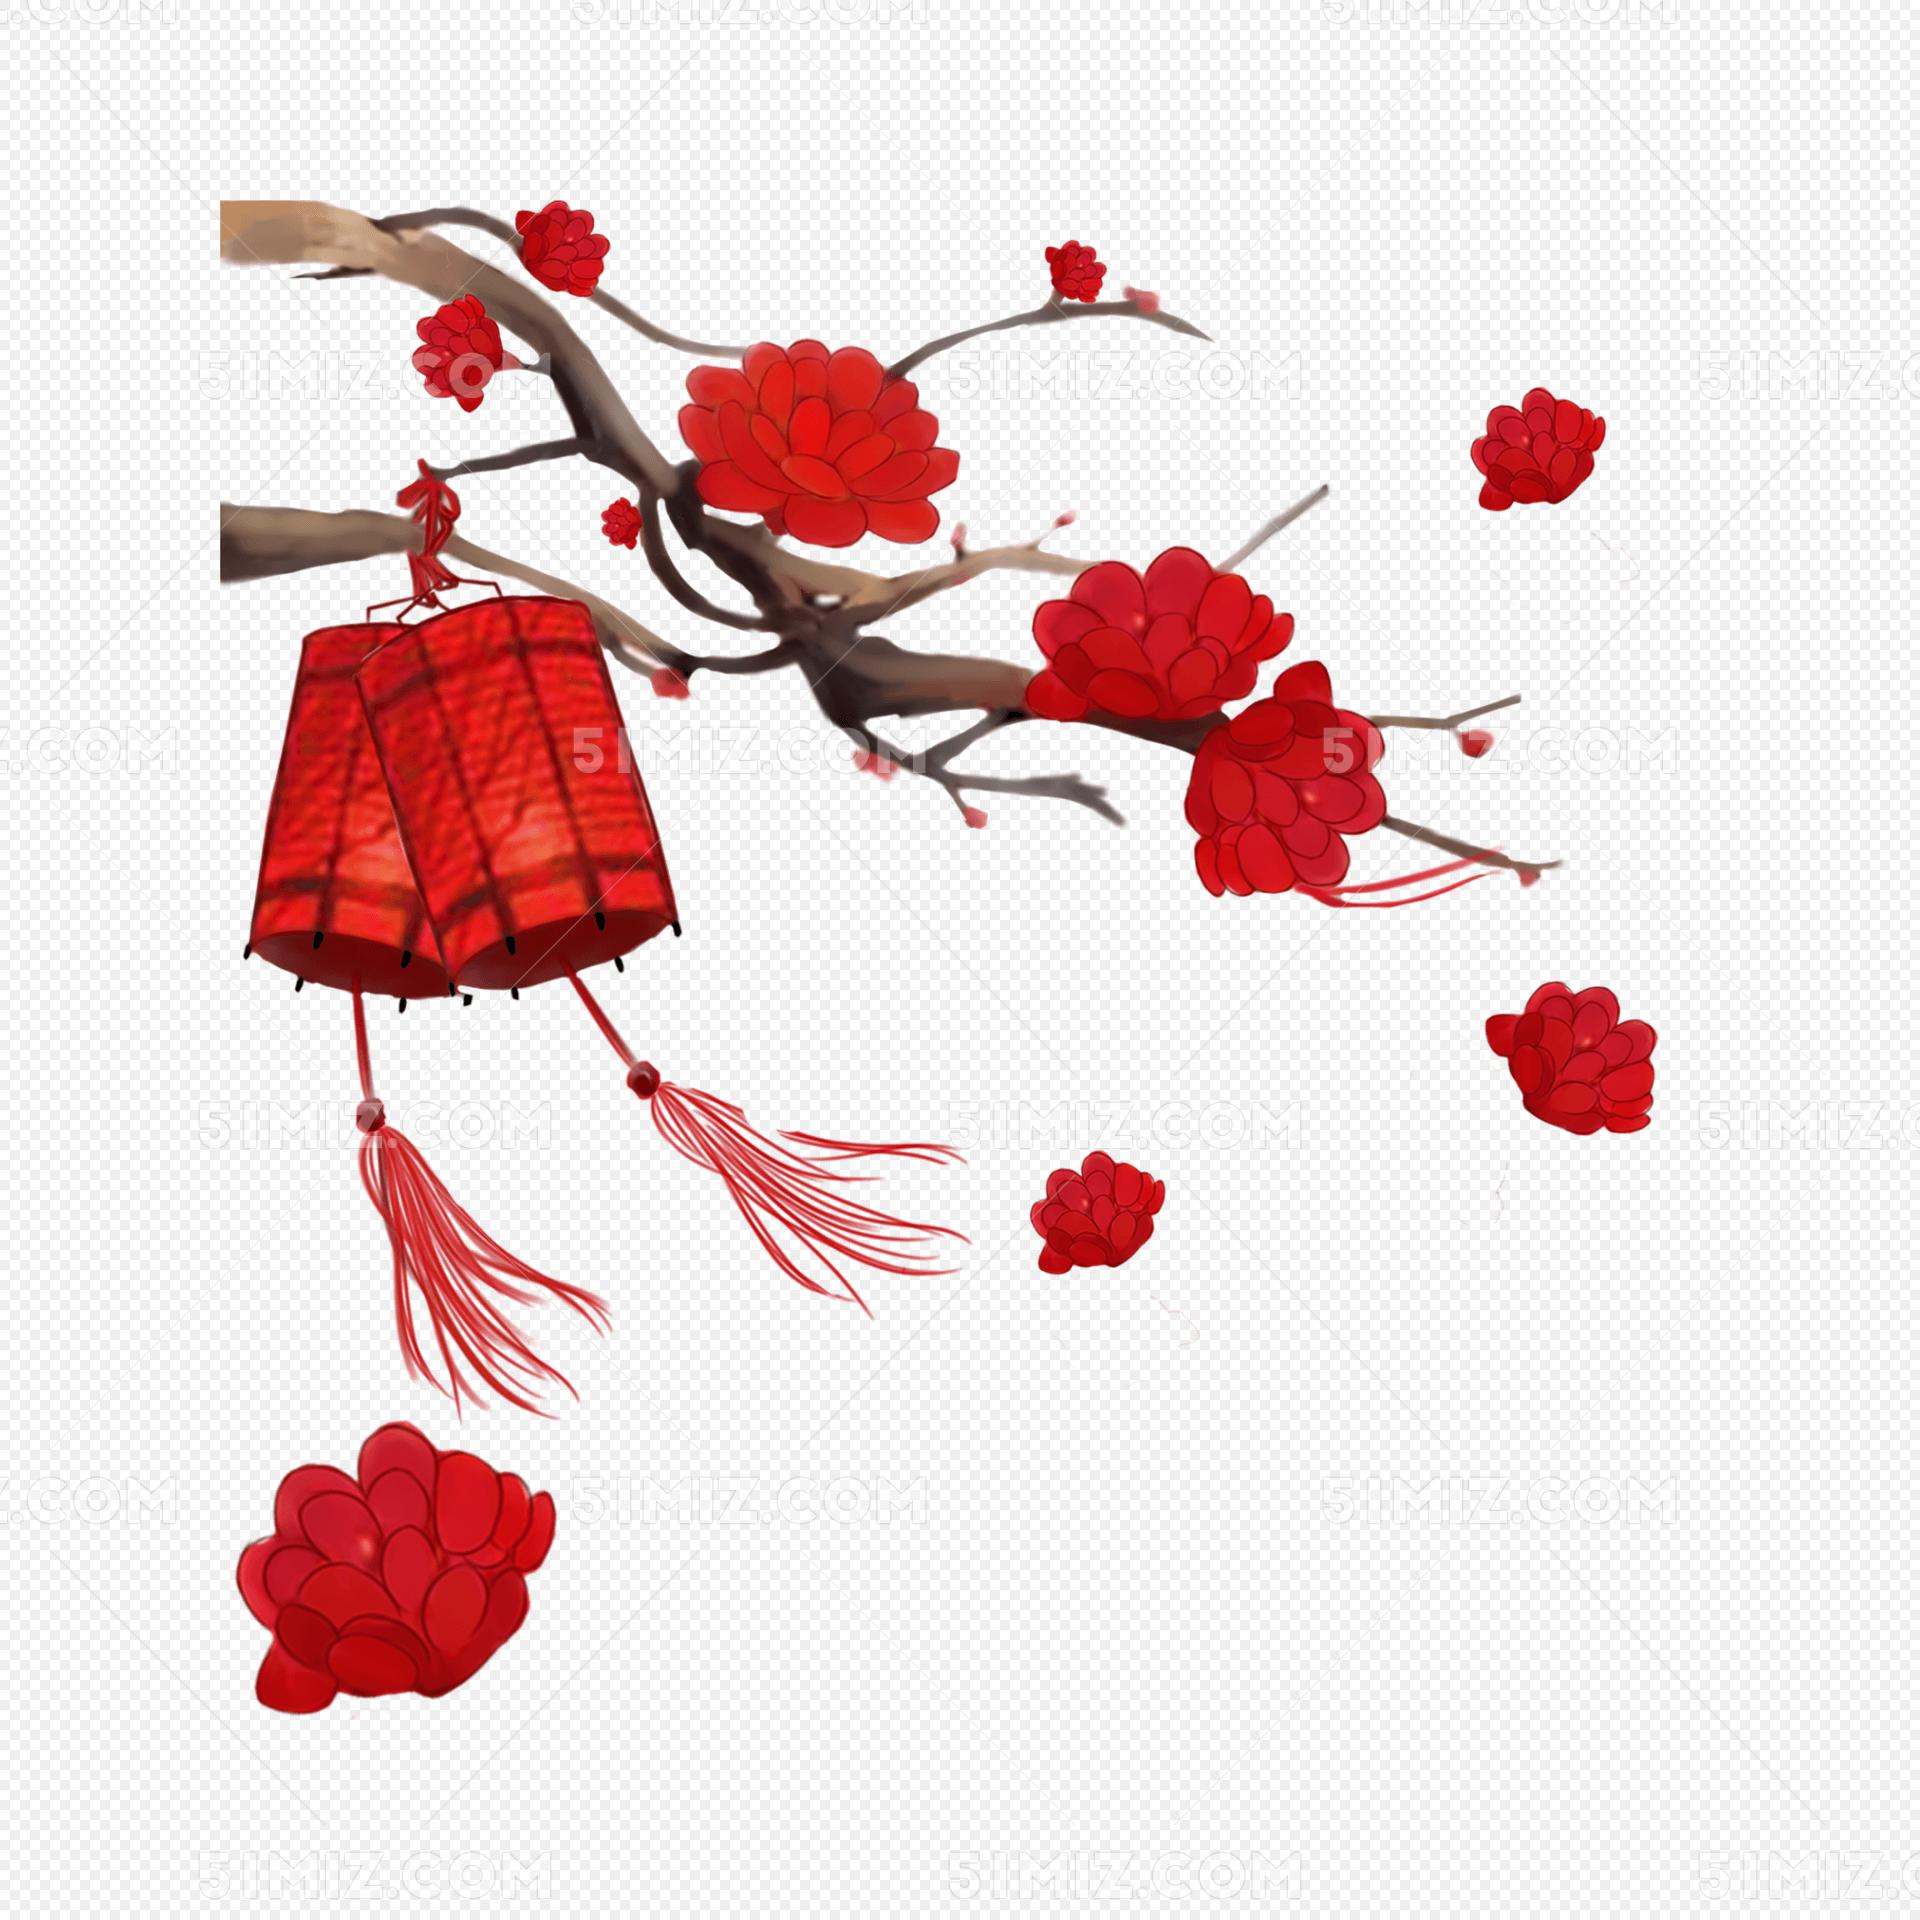 中国风手绘梅花灯笼新年装饰图案